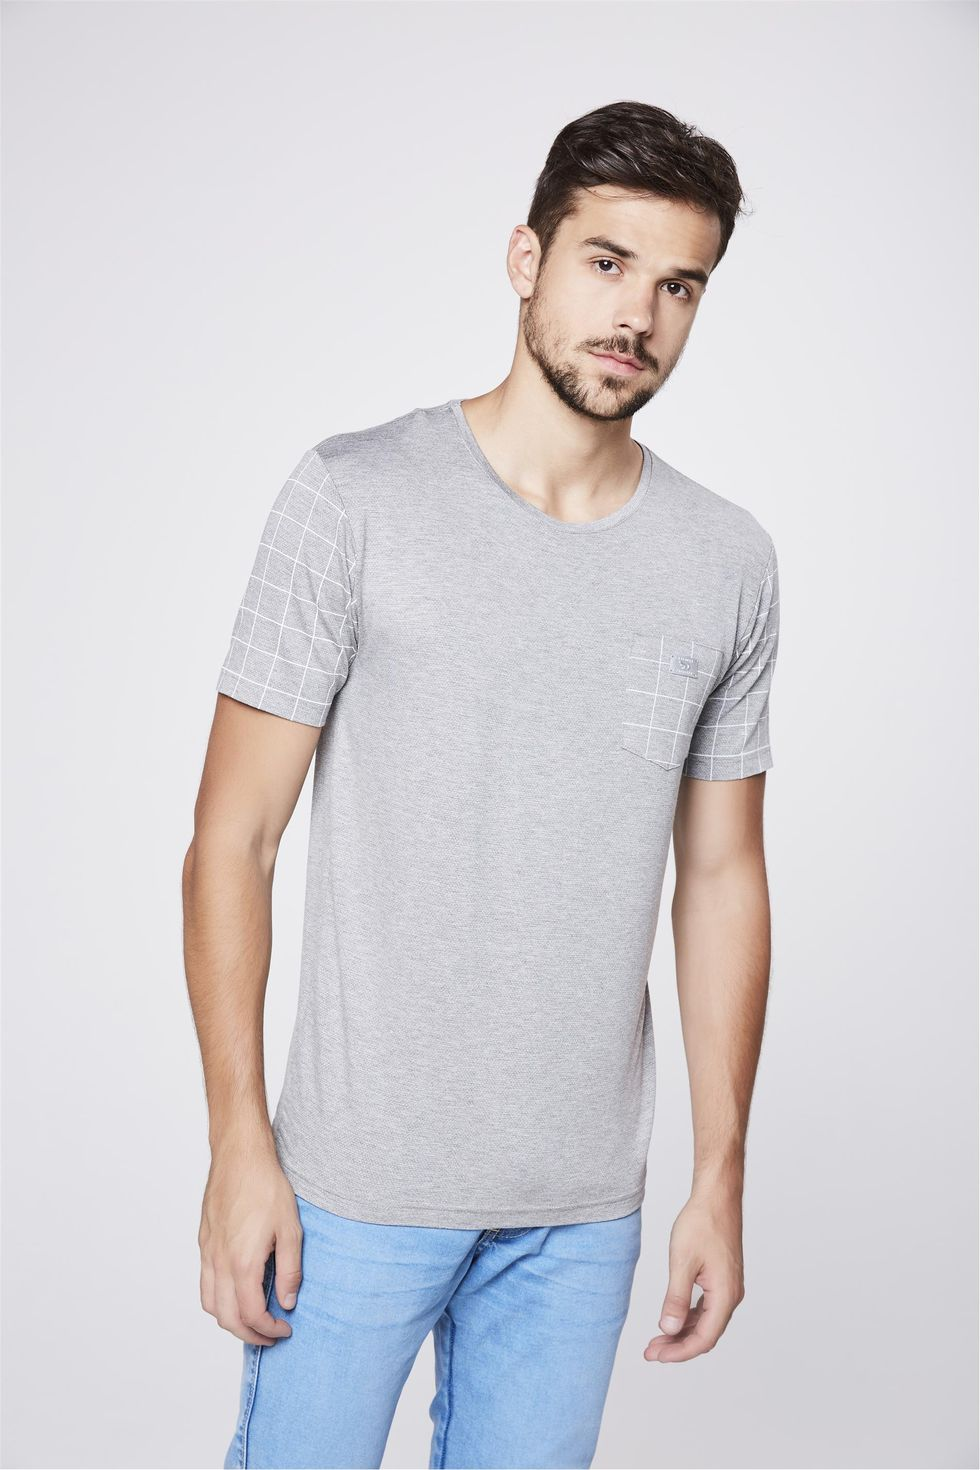 Camiseta-Cinza-com-Detalhes-Xadrez-Frente--